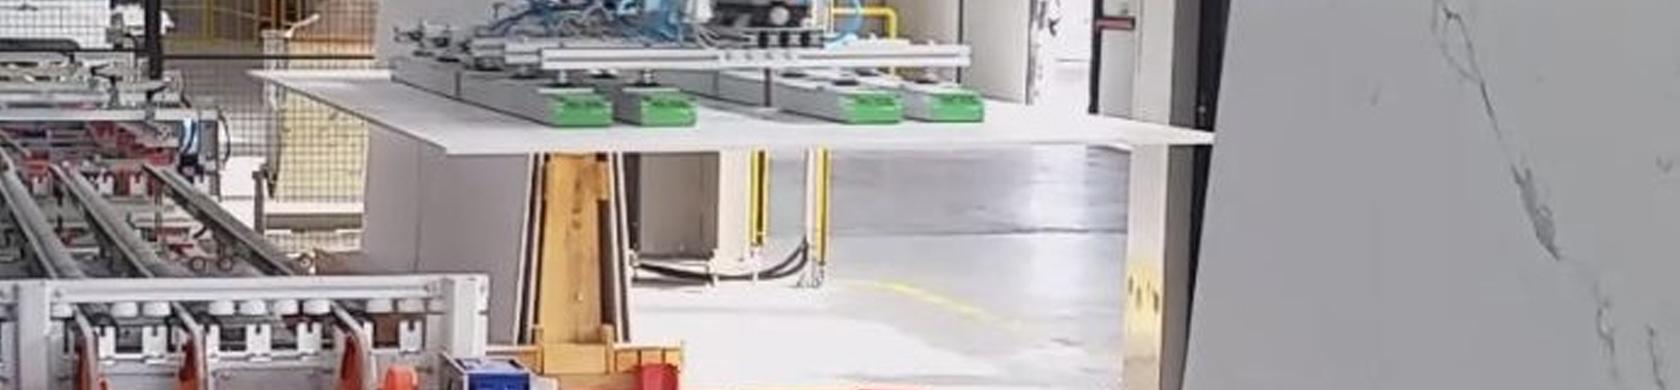 Robot, isole di lavoro robotizzate ed automazioni per lavorazioni ceramiche.